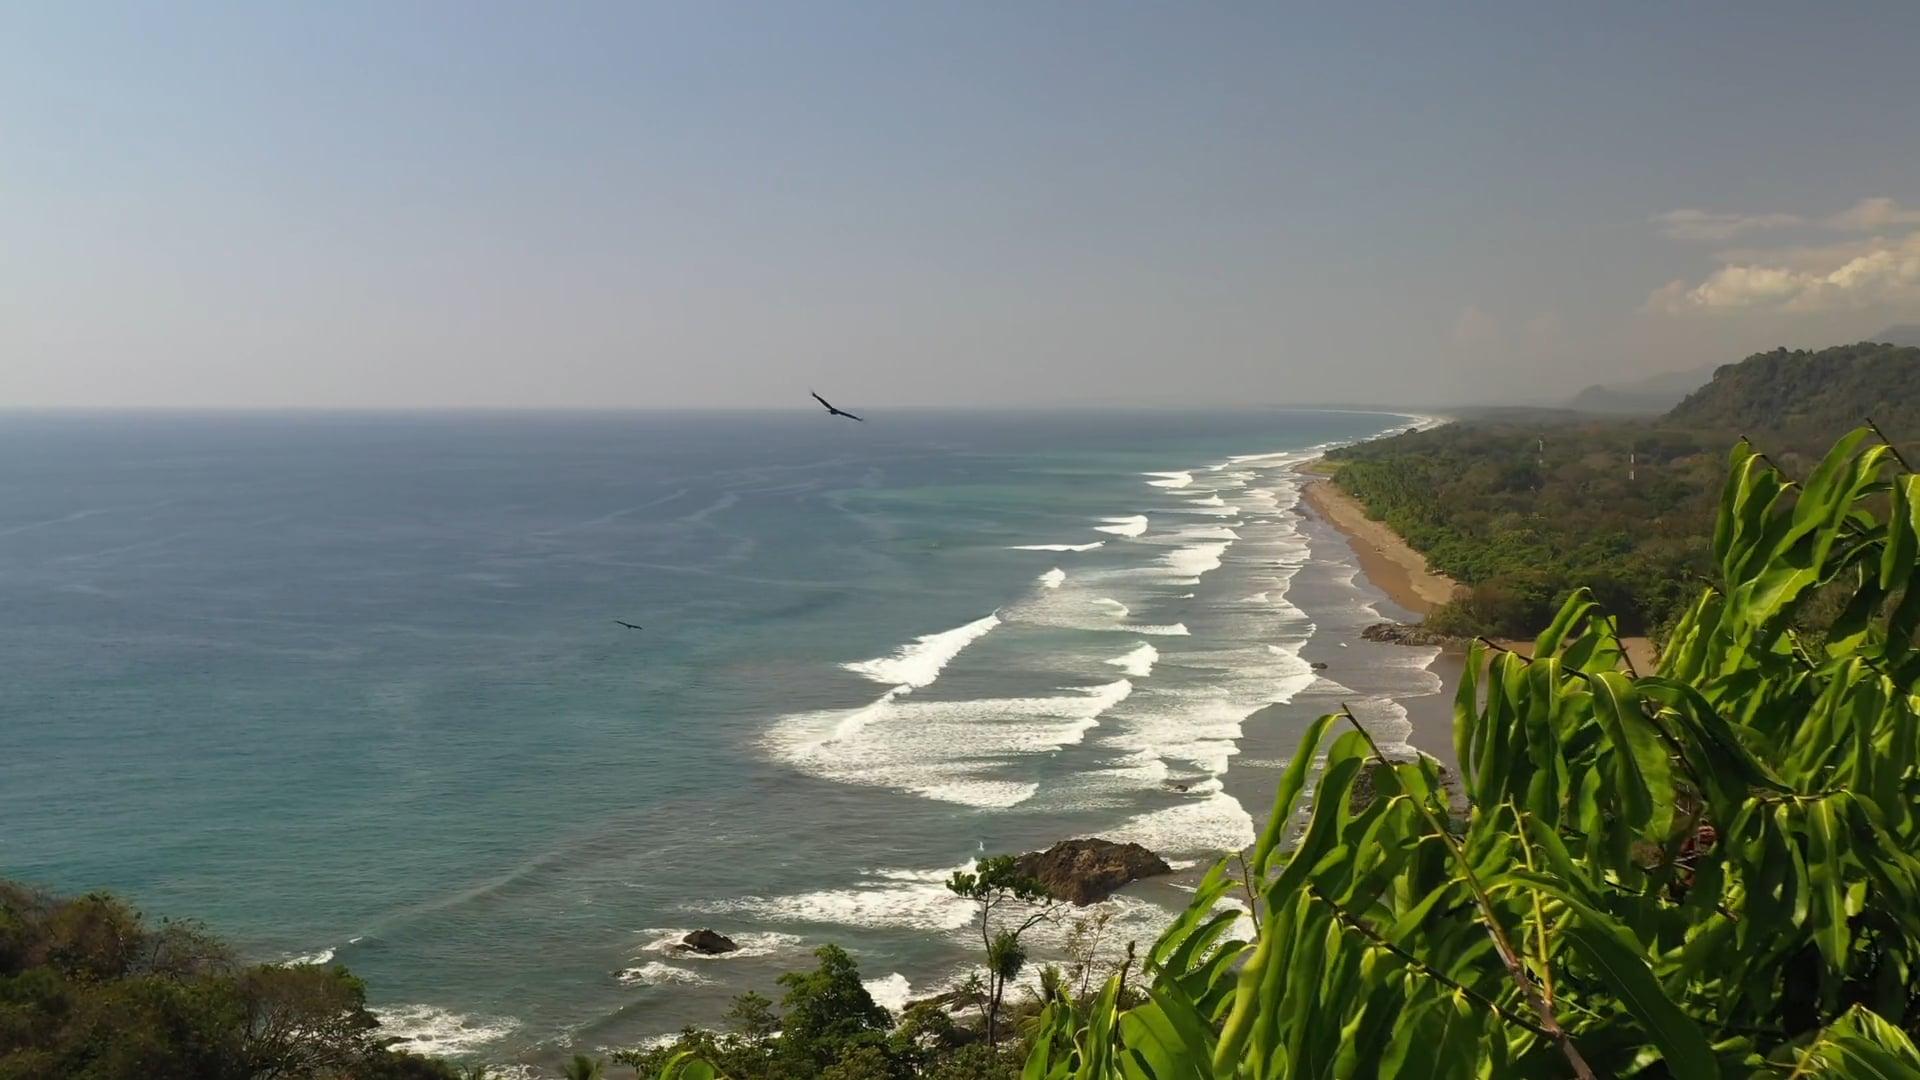 Costa Rica Retreat - Promo Video